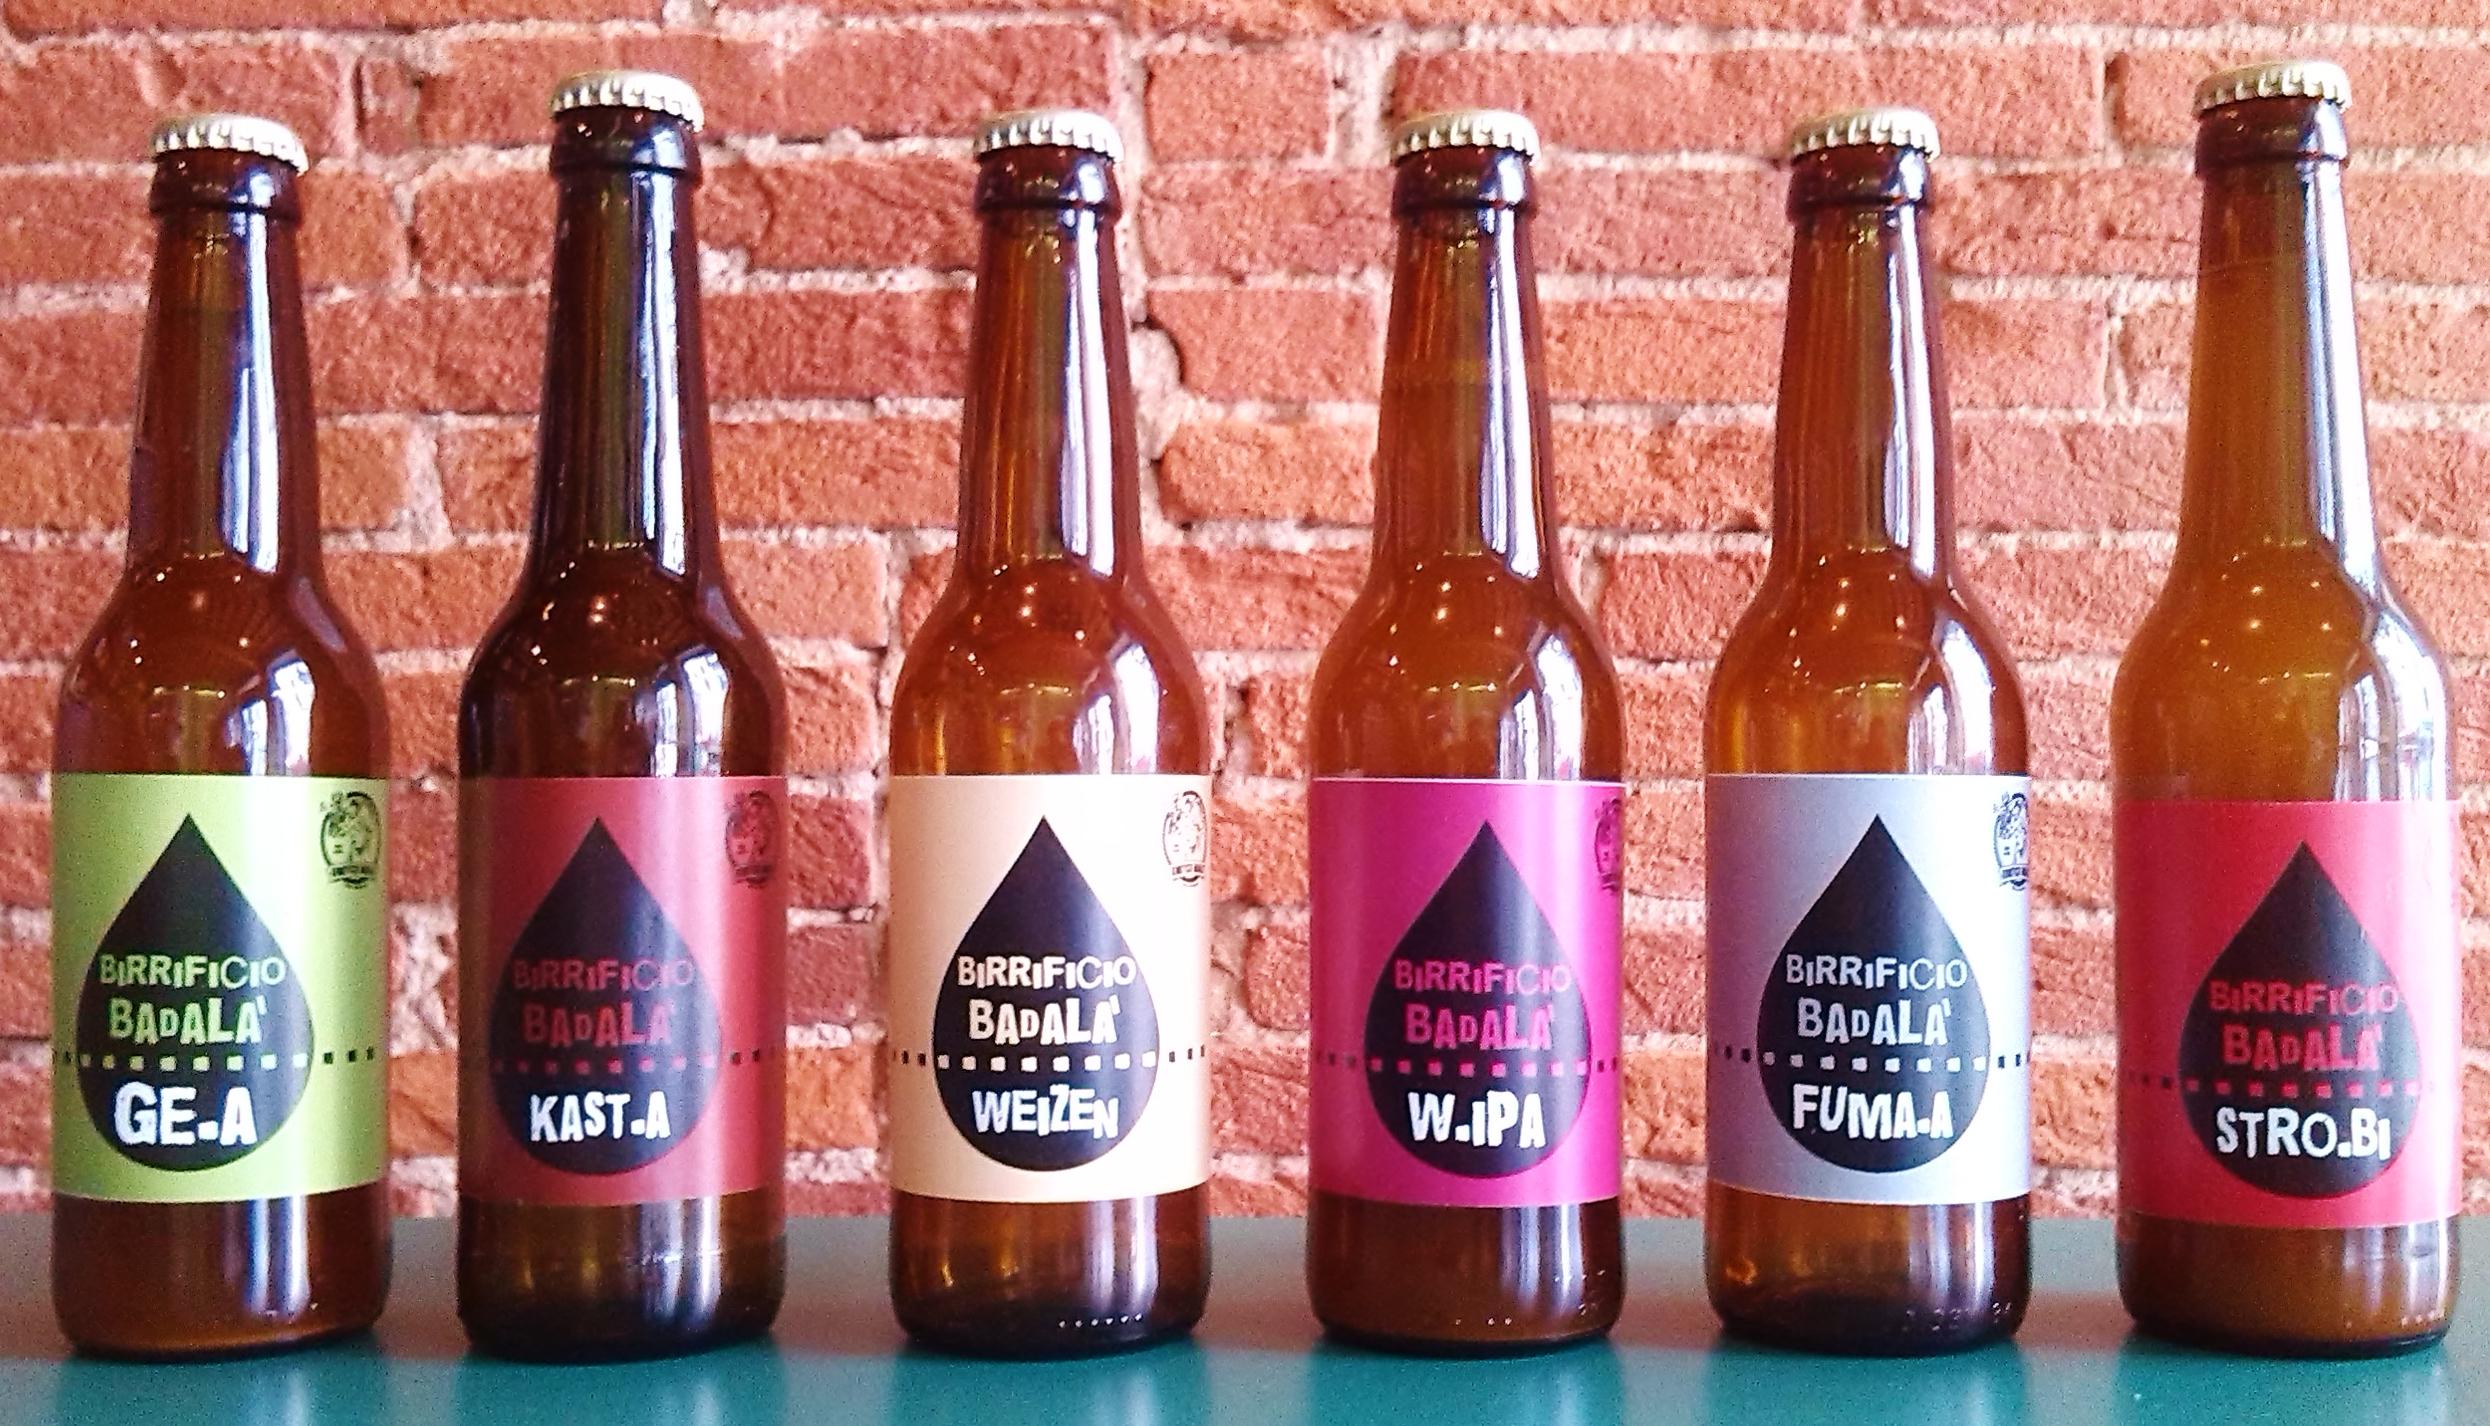 Le bottiglie del Birrificio Badalà - Montemurlo (Prato - Toscana)